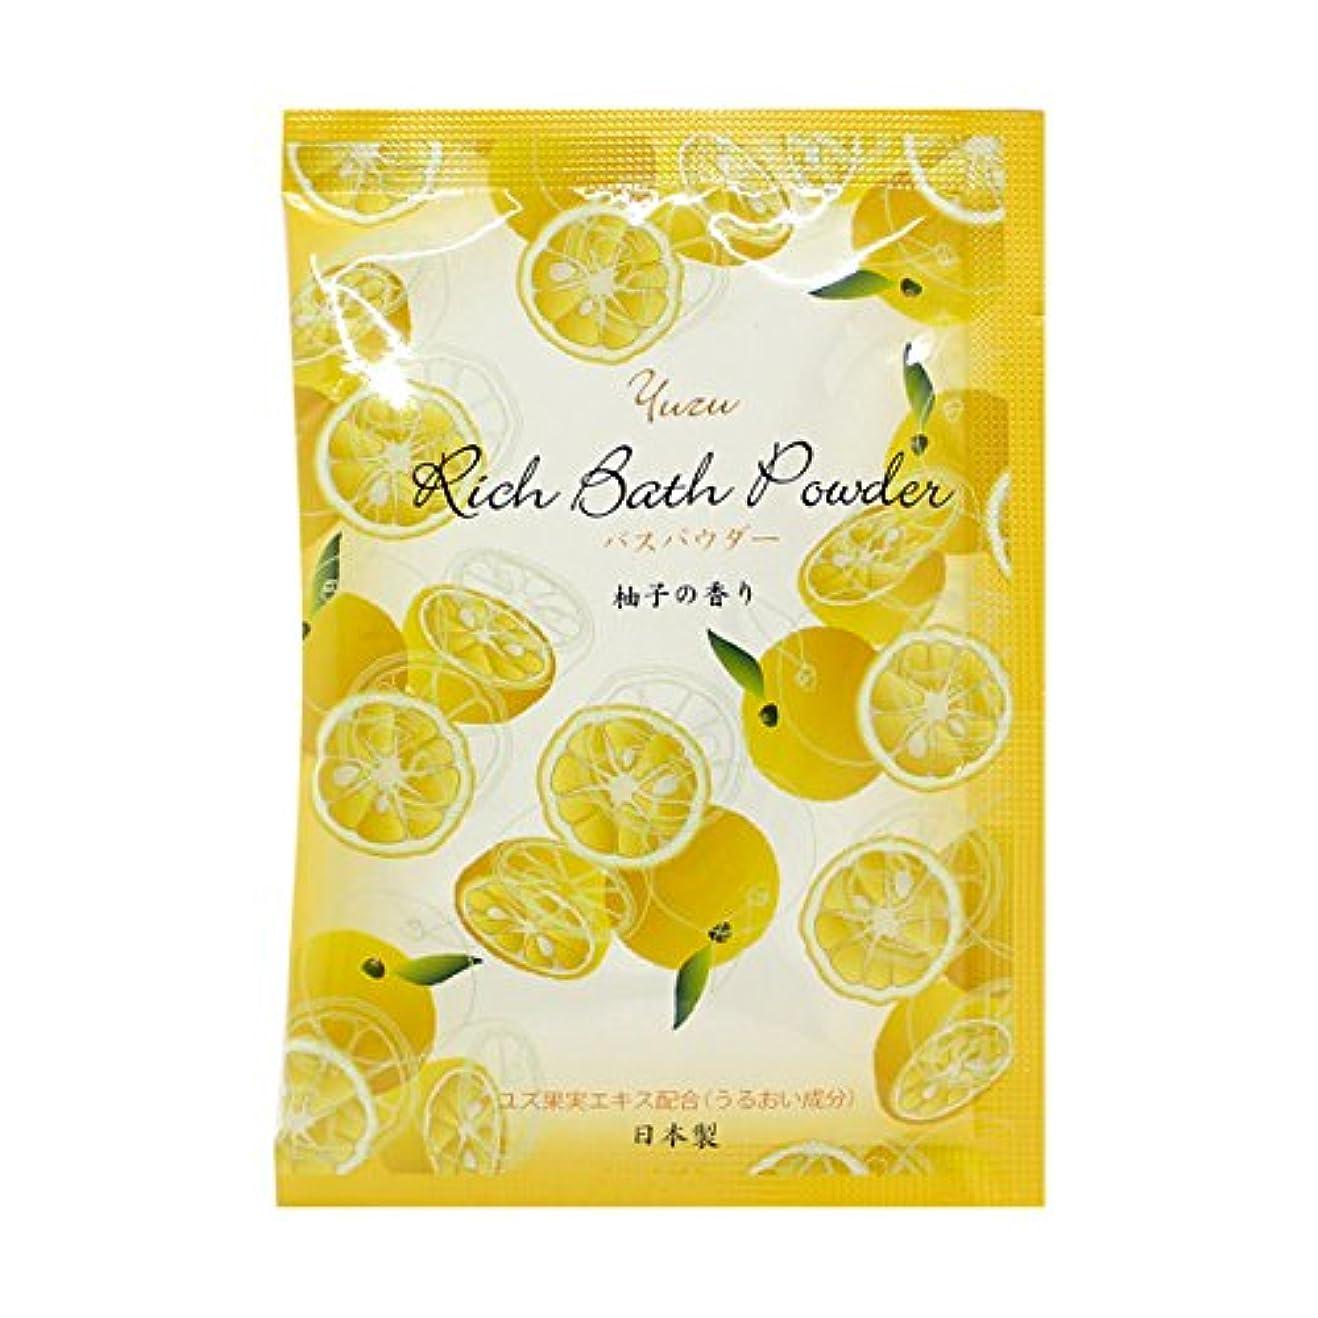 息苦しいキウイ悪化するハーバルエクストラ リッチバスパウダー 「柚子の香り」30個